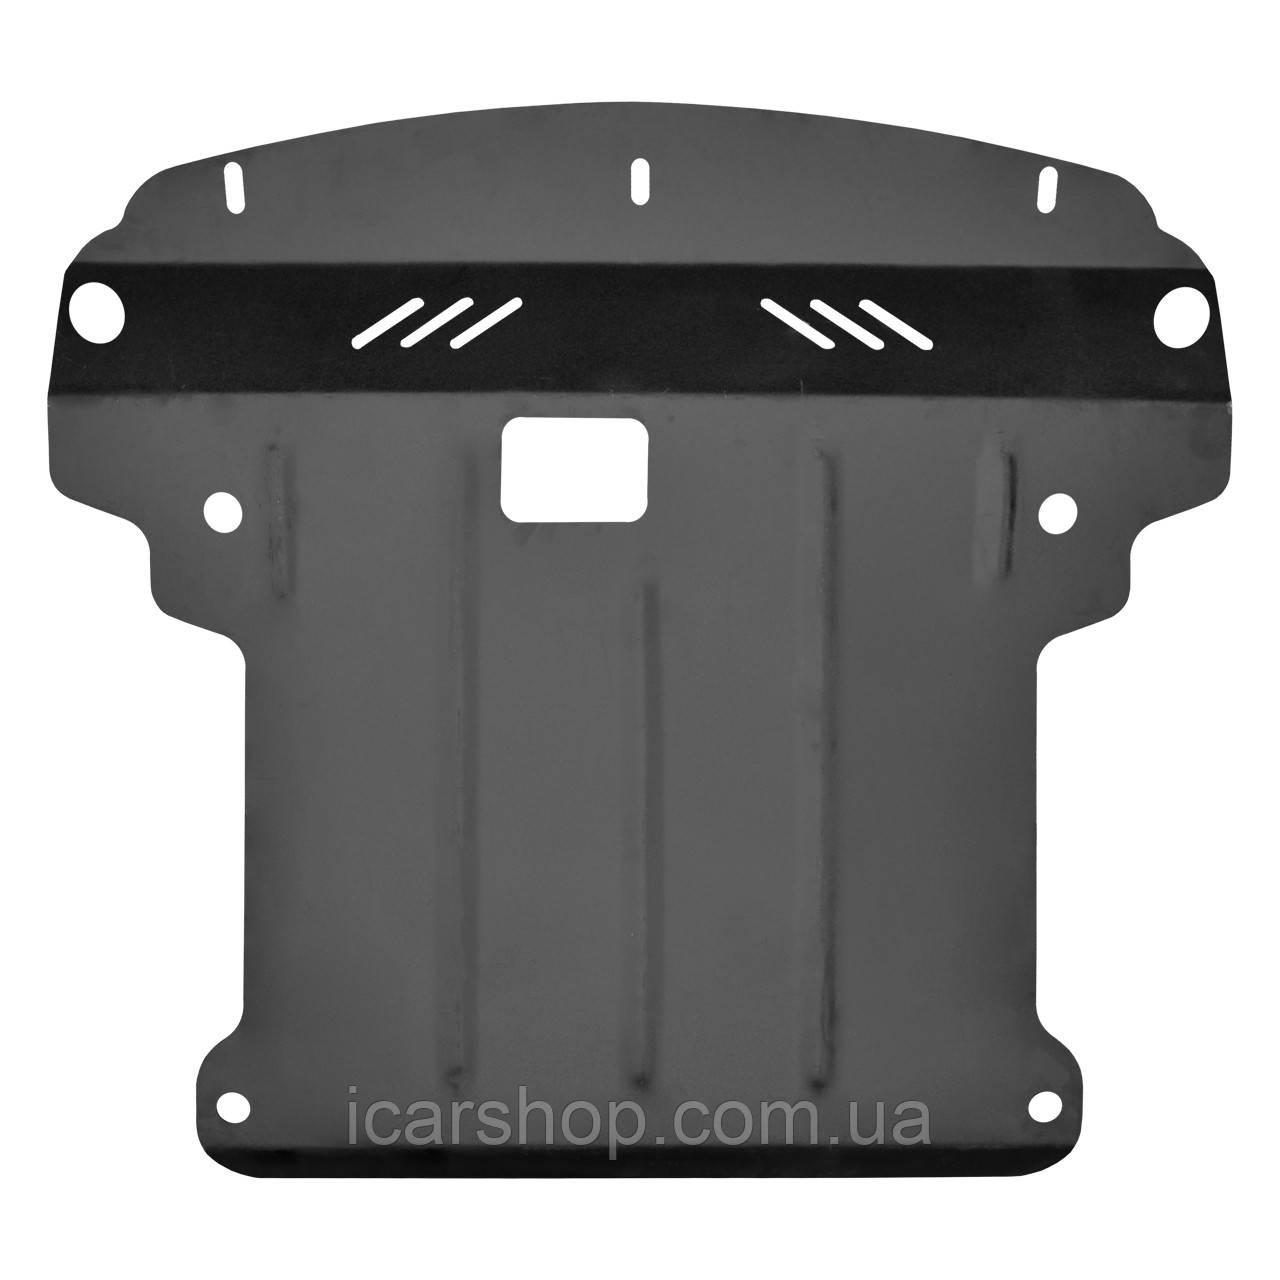 Защита Двигателя / КПП VW. Crafter 06- Titan